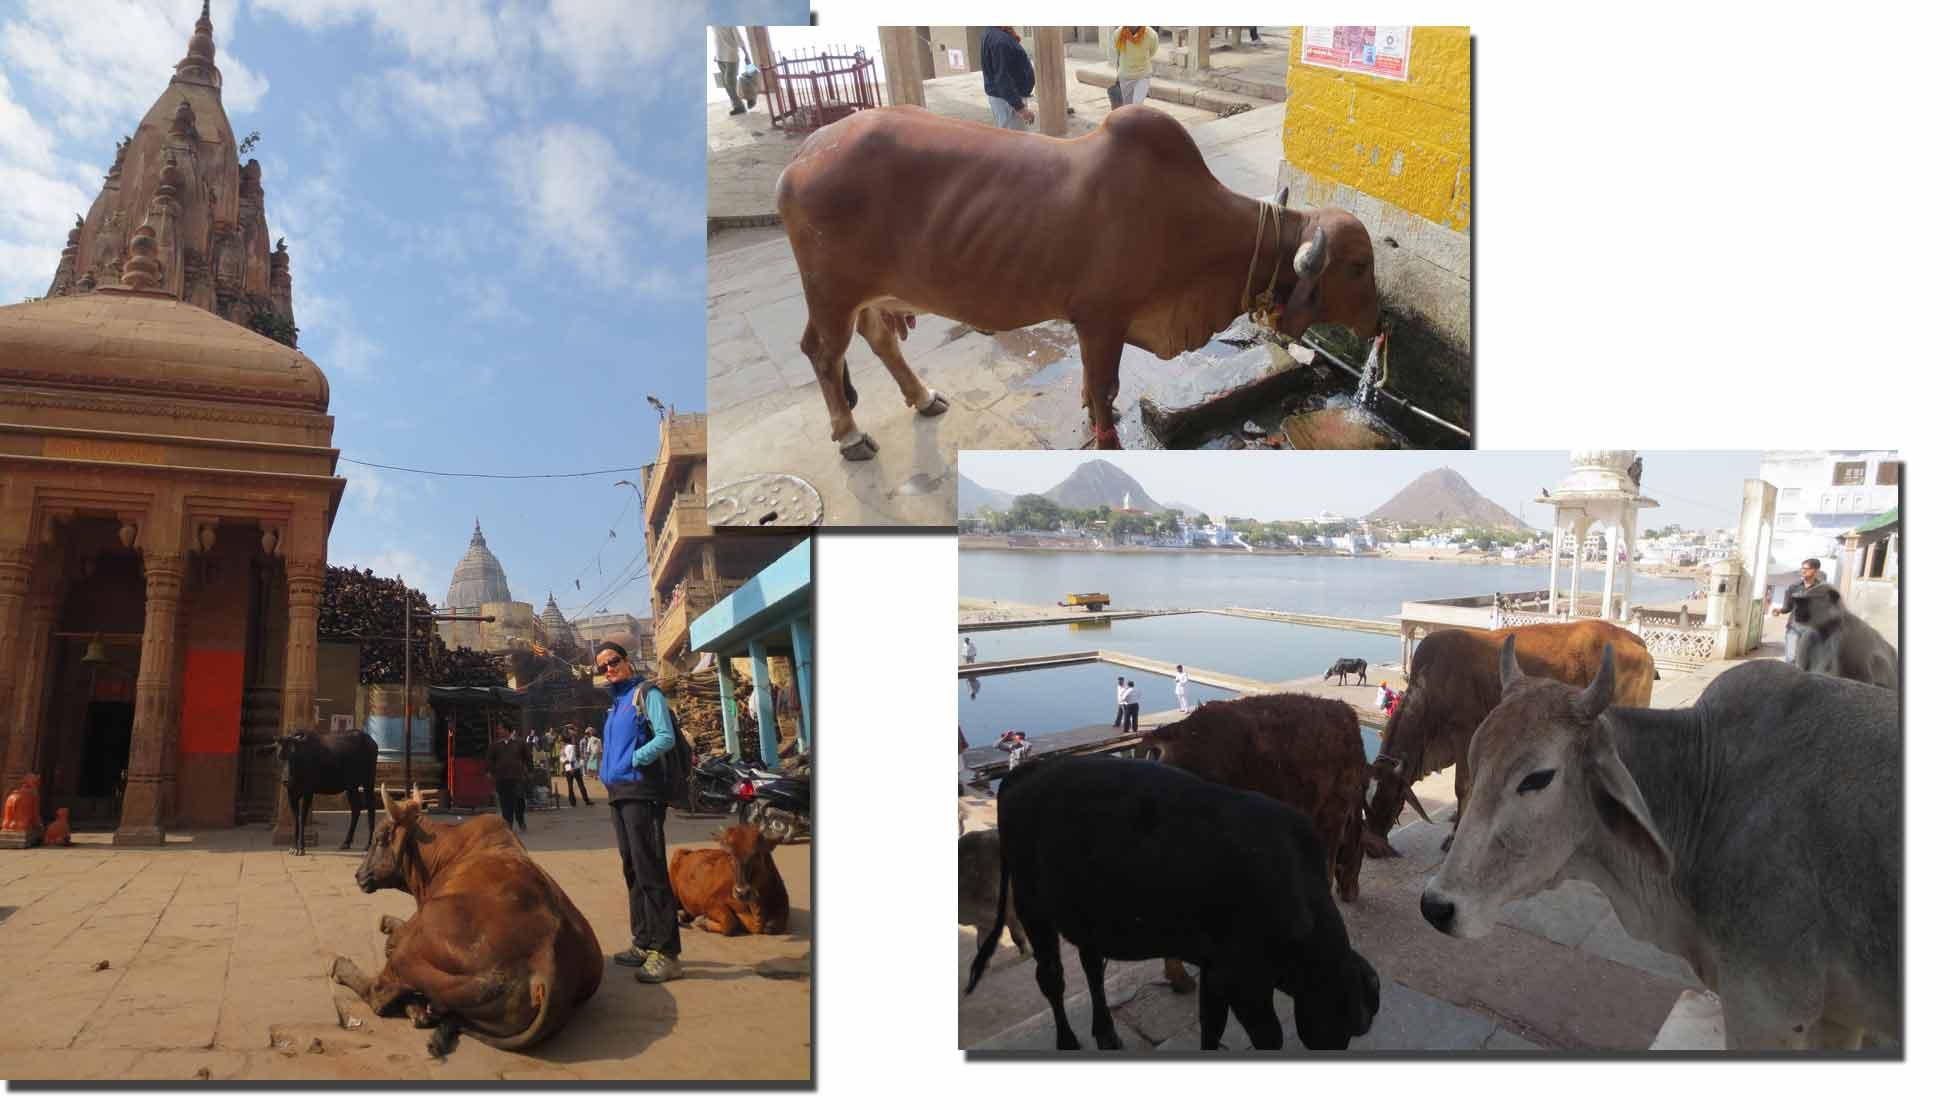 Vacas en calles de India